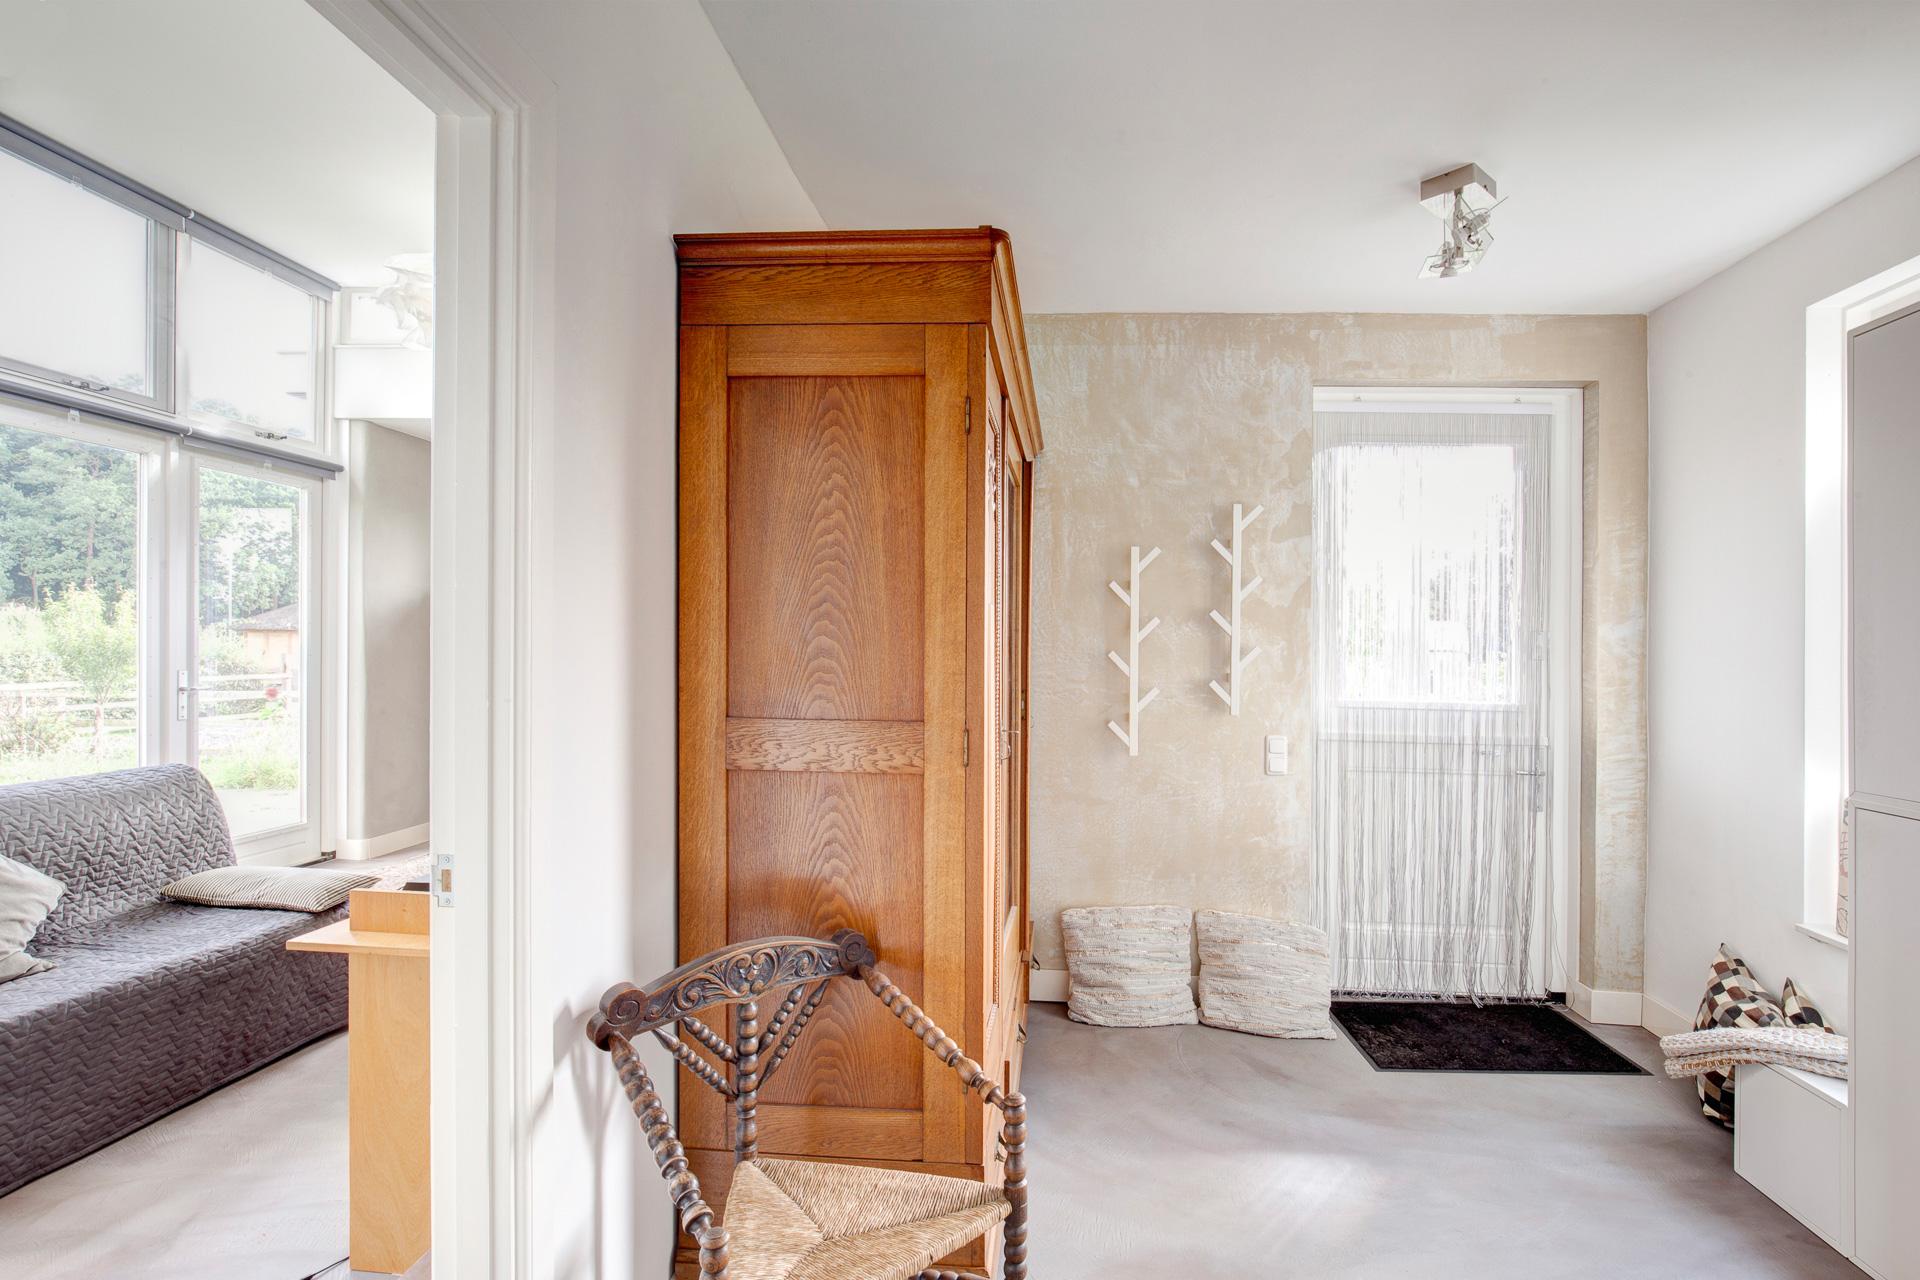 Project Joppe beton cire vloer en leemstuc wanden 7